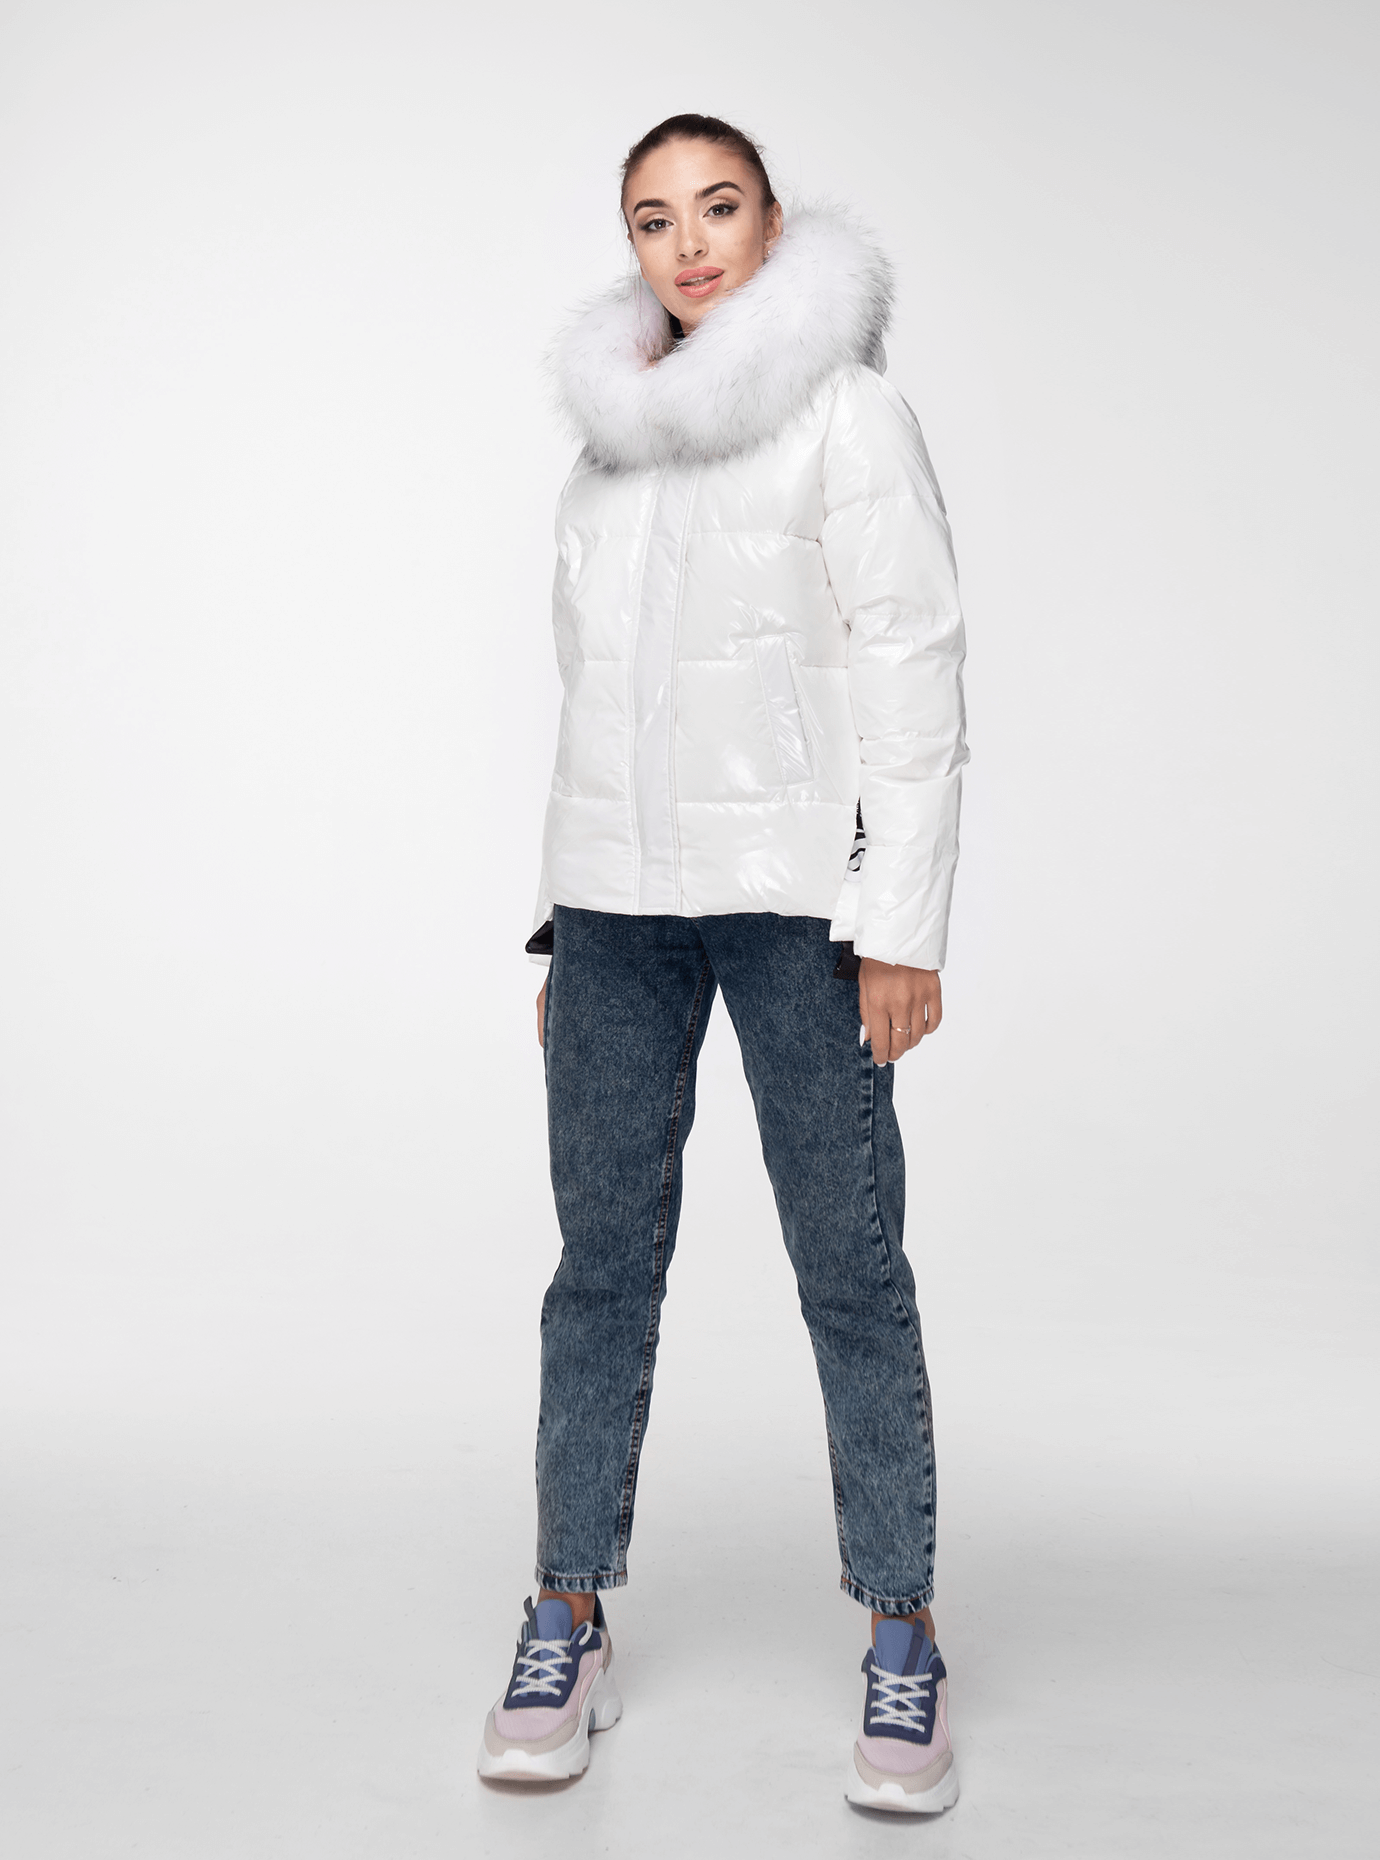 Куртка зимняя короткая с капюшоном и натуральным мехом Белый XL (05-ZL1946): фото - Alster.ua